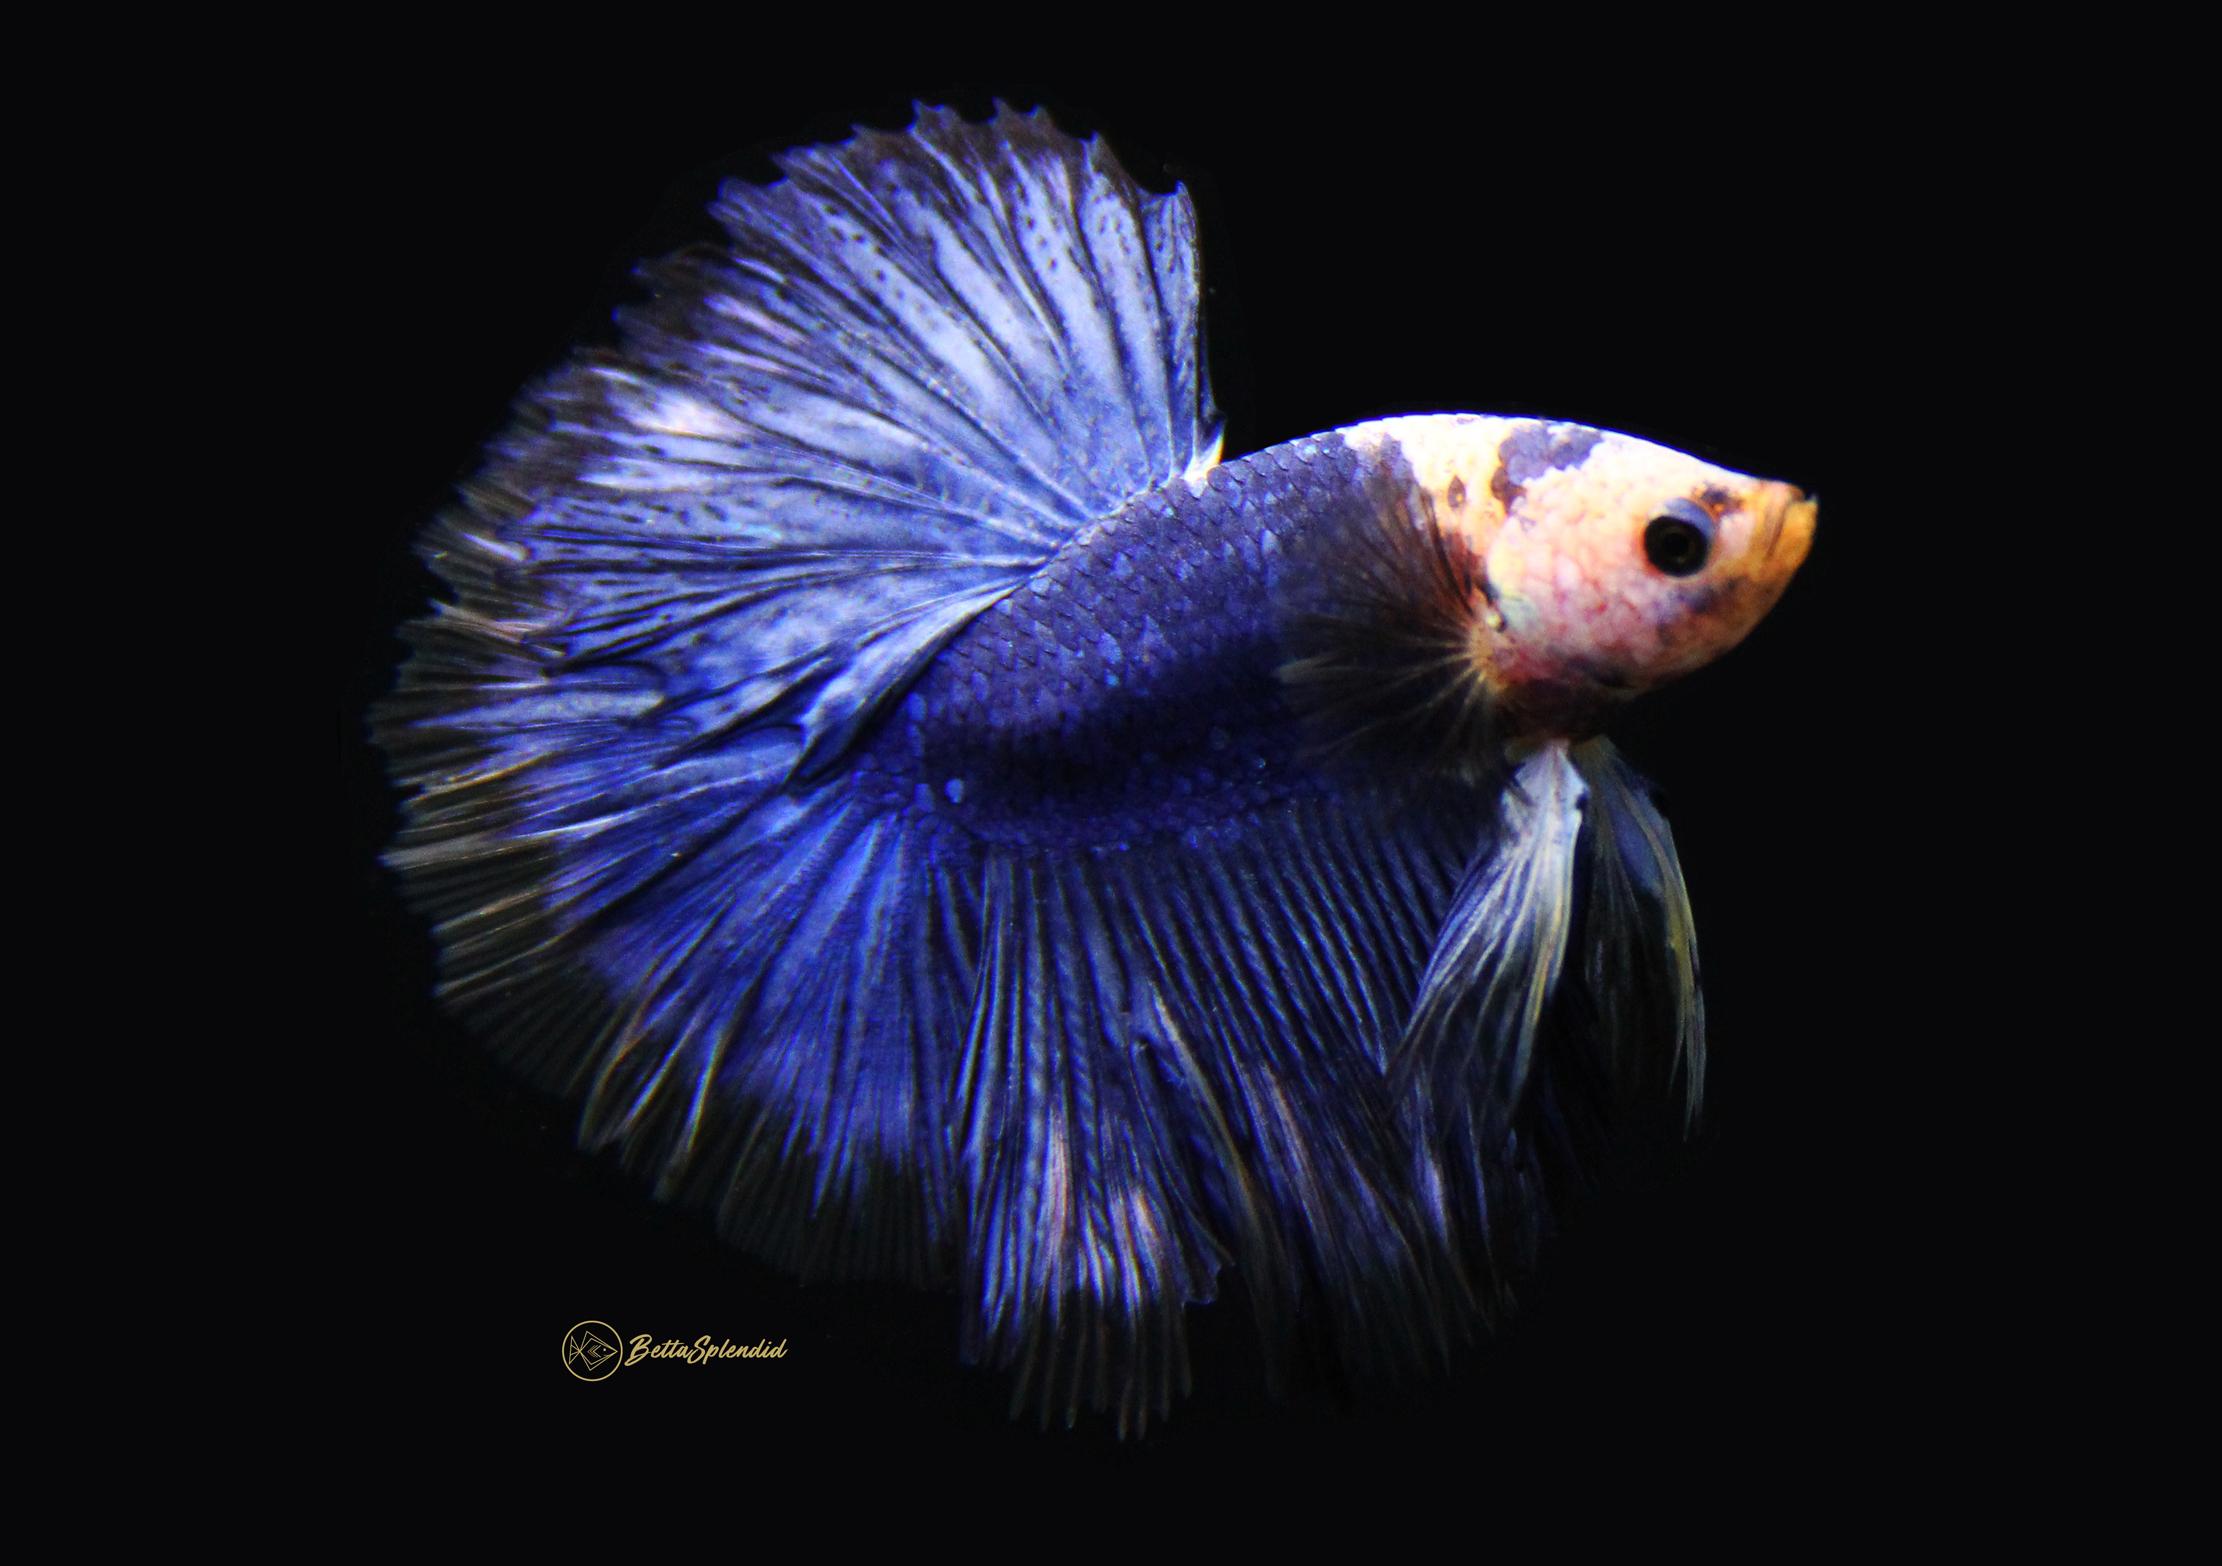 Blue Marble Halfmoon Betta Released Bettasplendid Com